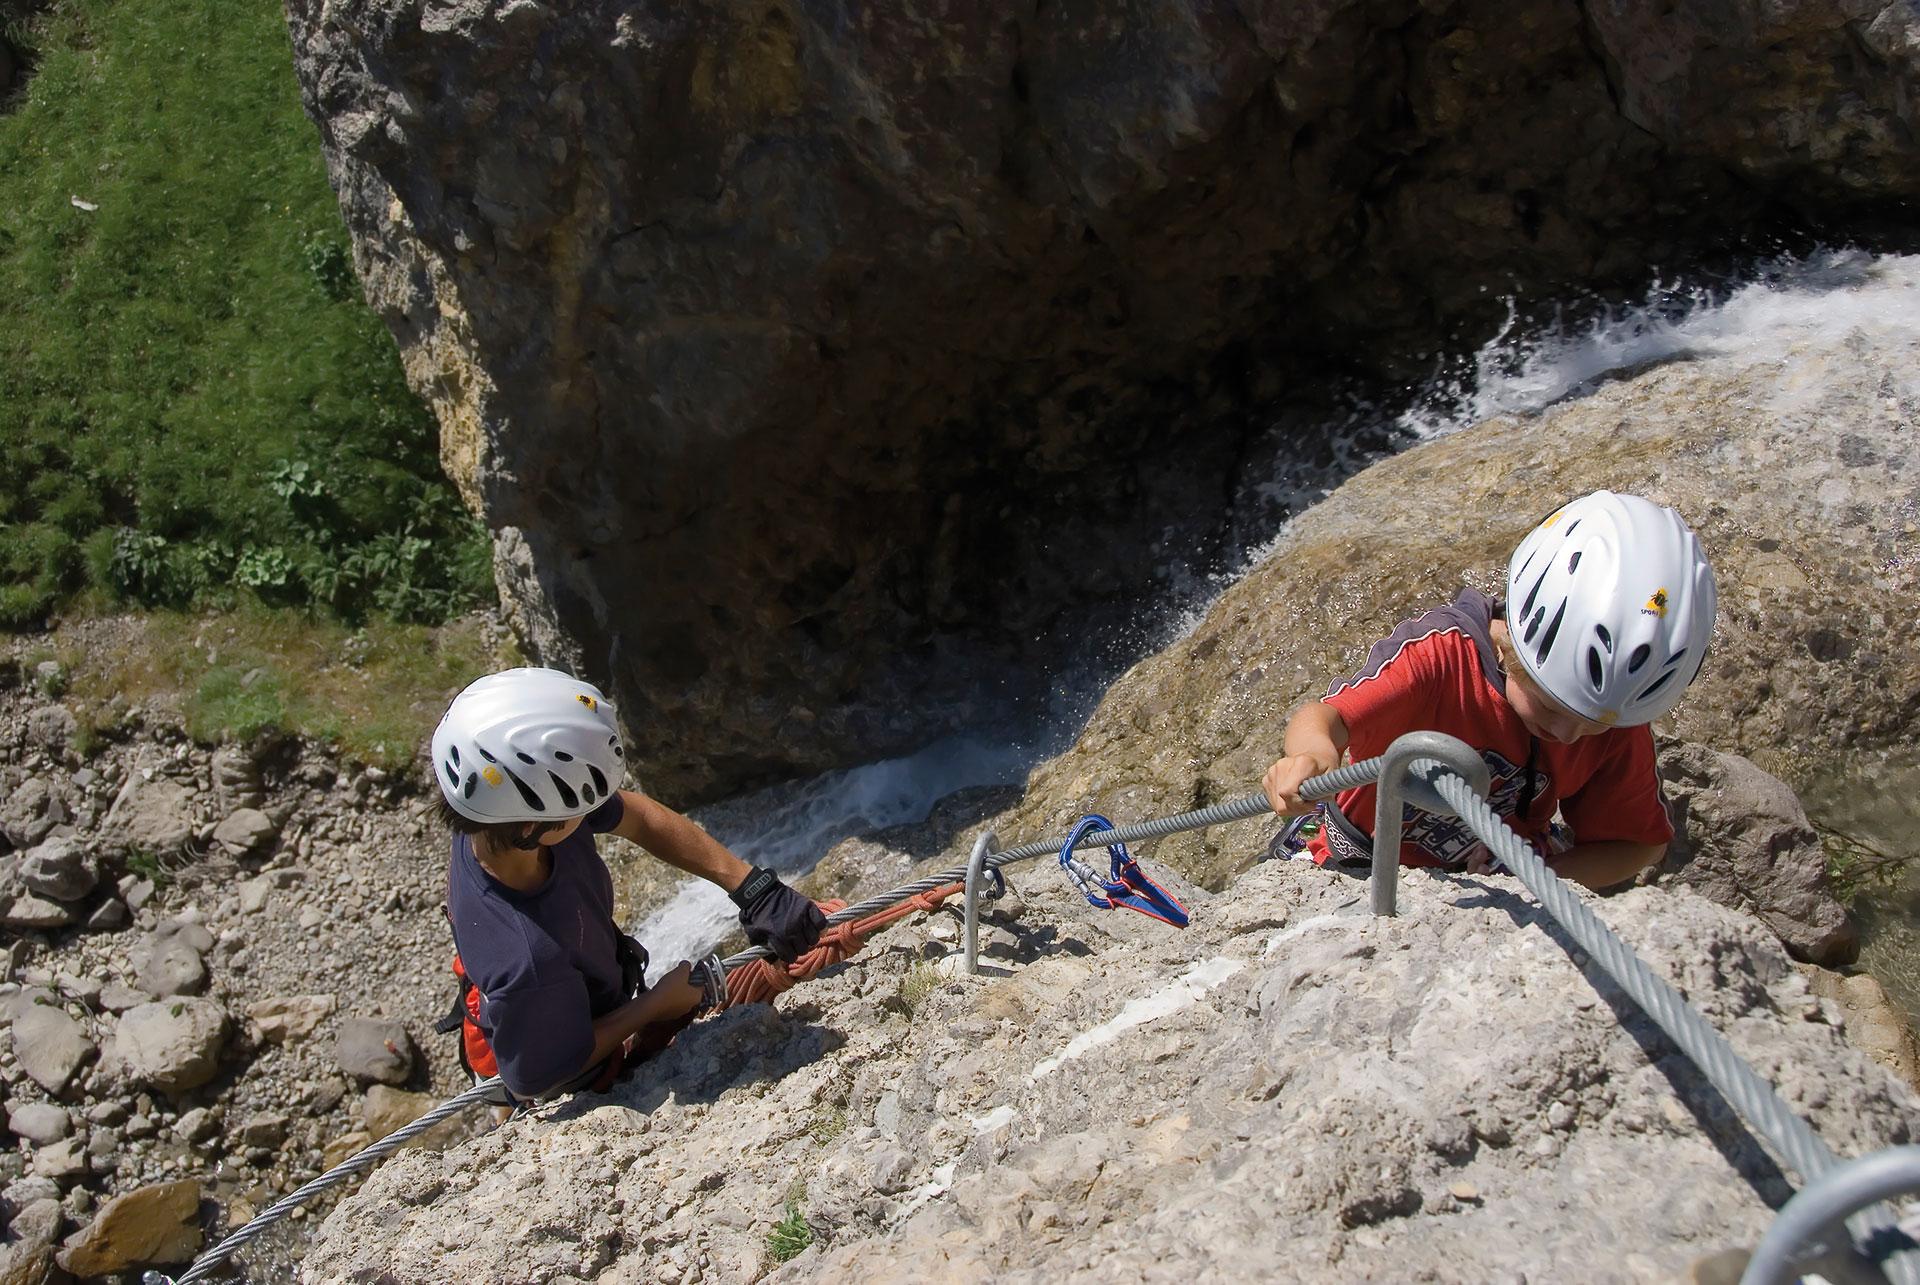 Klettersteig Equipment : Wasserfall klettersteig einkehren und aktivitäten in den hütten